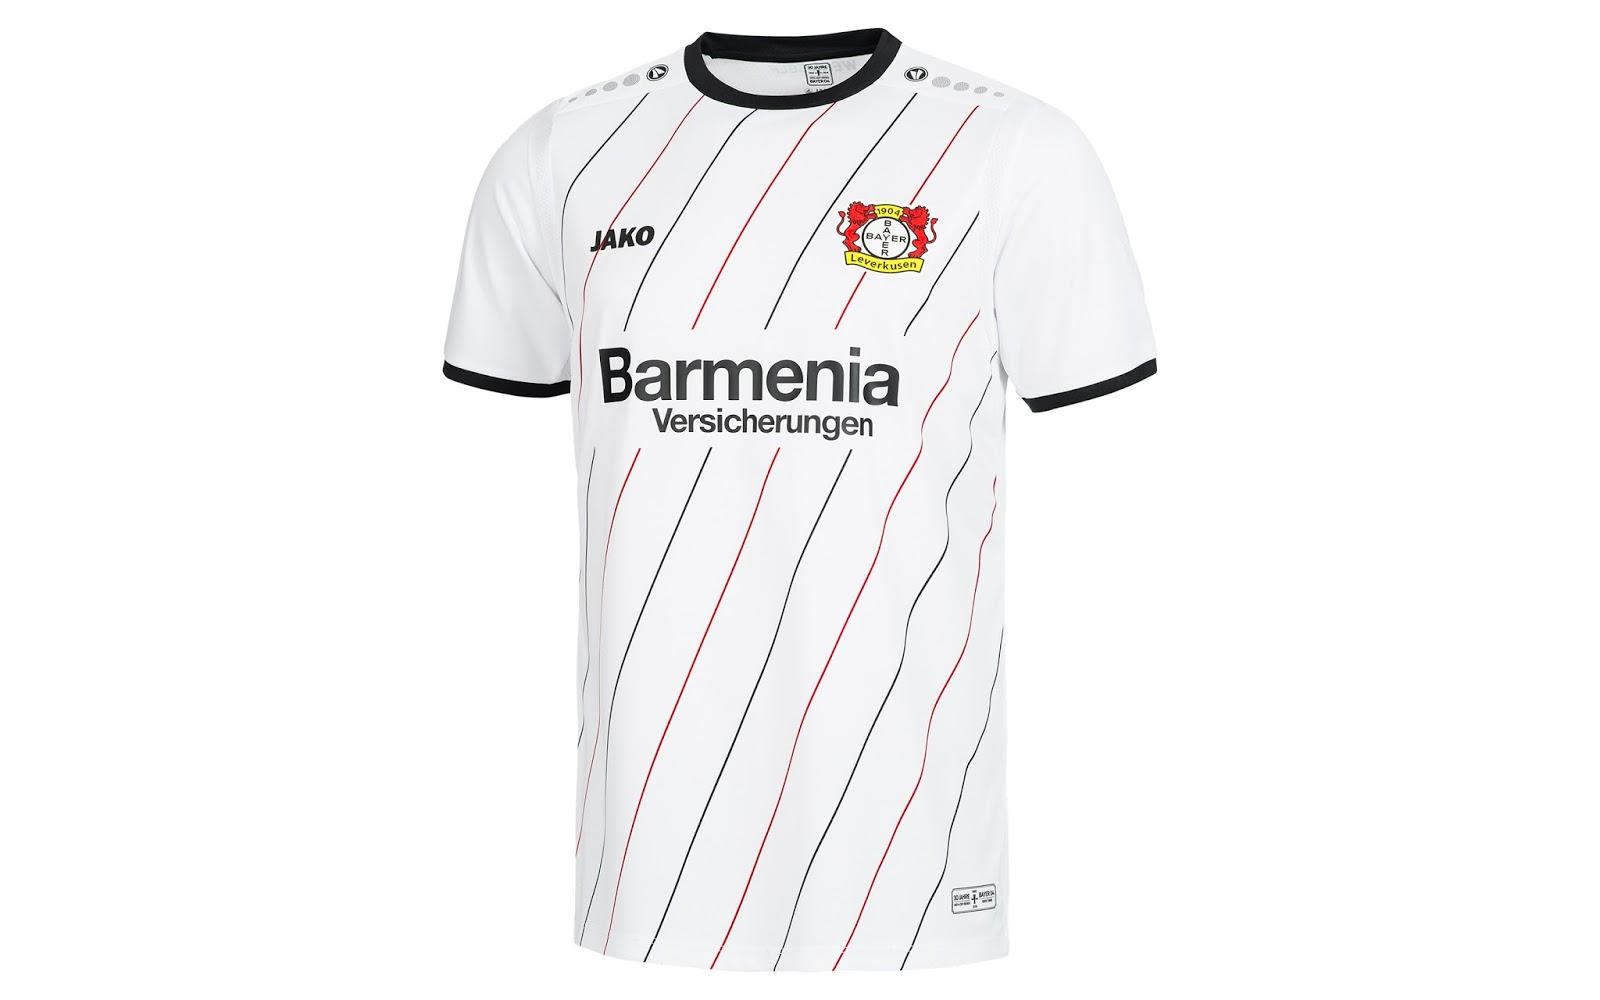 eaa8958b19680 Nova camisa do Bayer Leverkusen celebra os 30 anos do título da Copa ...